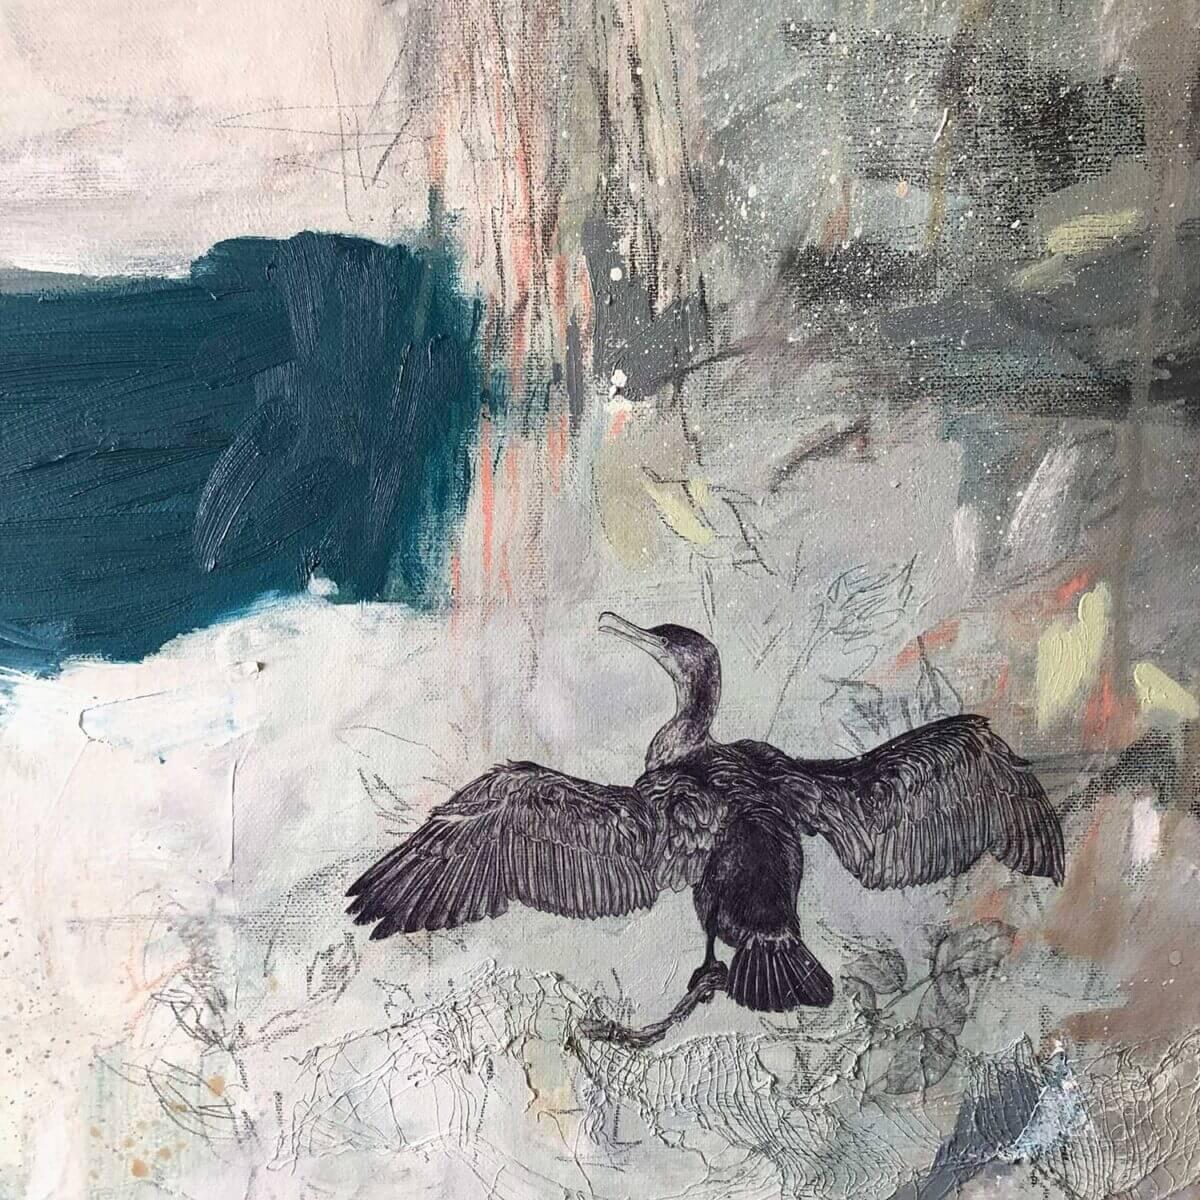 Spring-Tide-Cormorant-Detail-Sky-Siouki